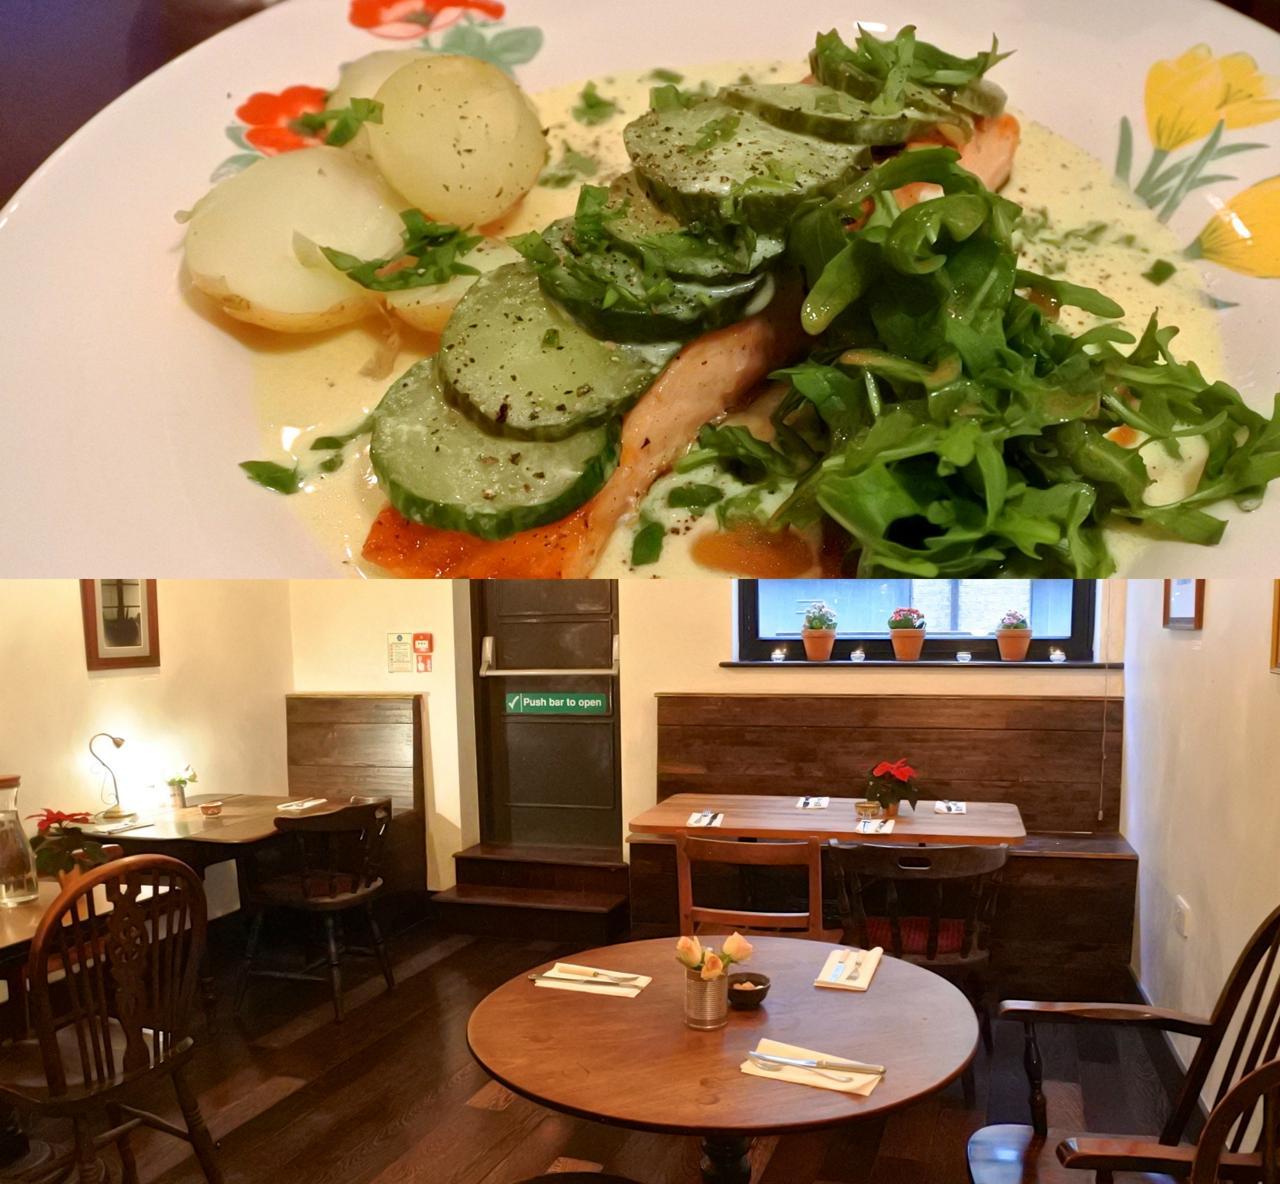 サーモンのグリル、ビネガーがきいた野菜と一緒に食べるとほどよいお味に☆ 美味しくいただきました